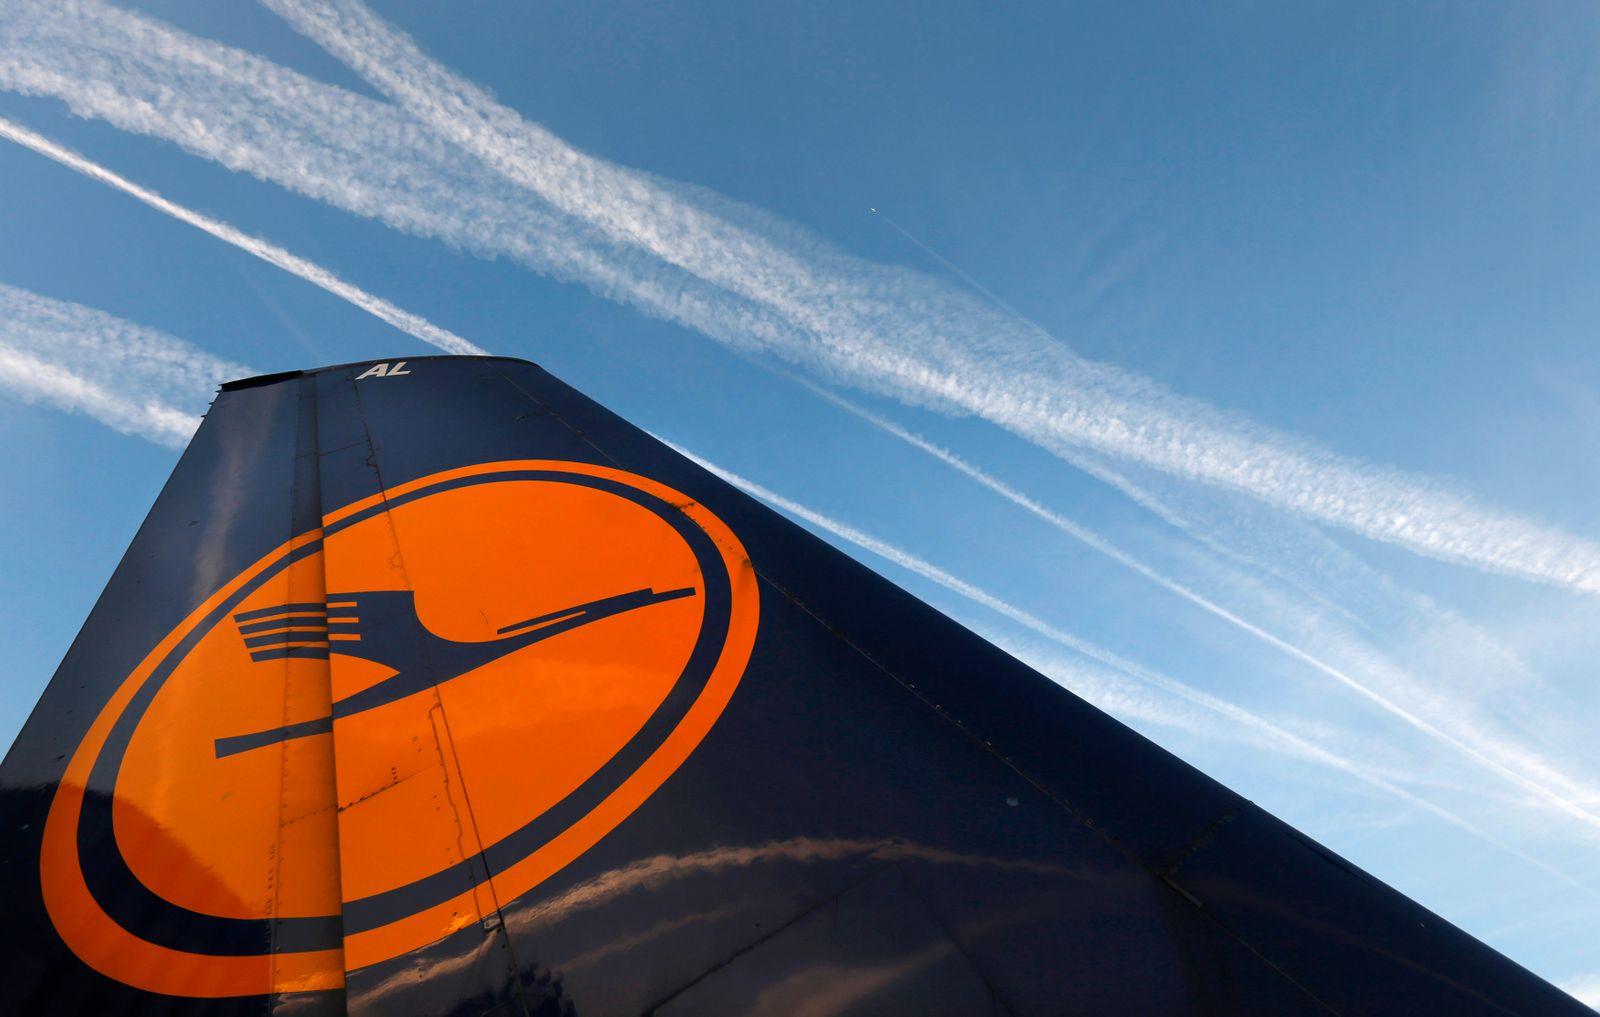 Lufthansa / Flughafen / Streik der Flugbegleiter / Frankfurt